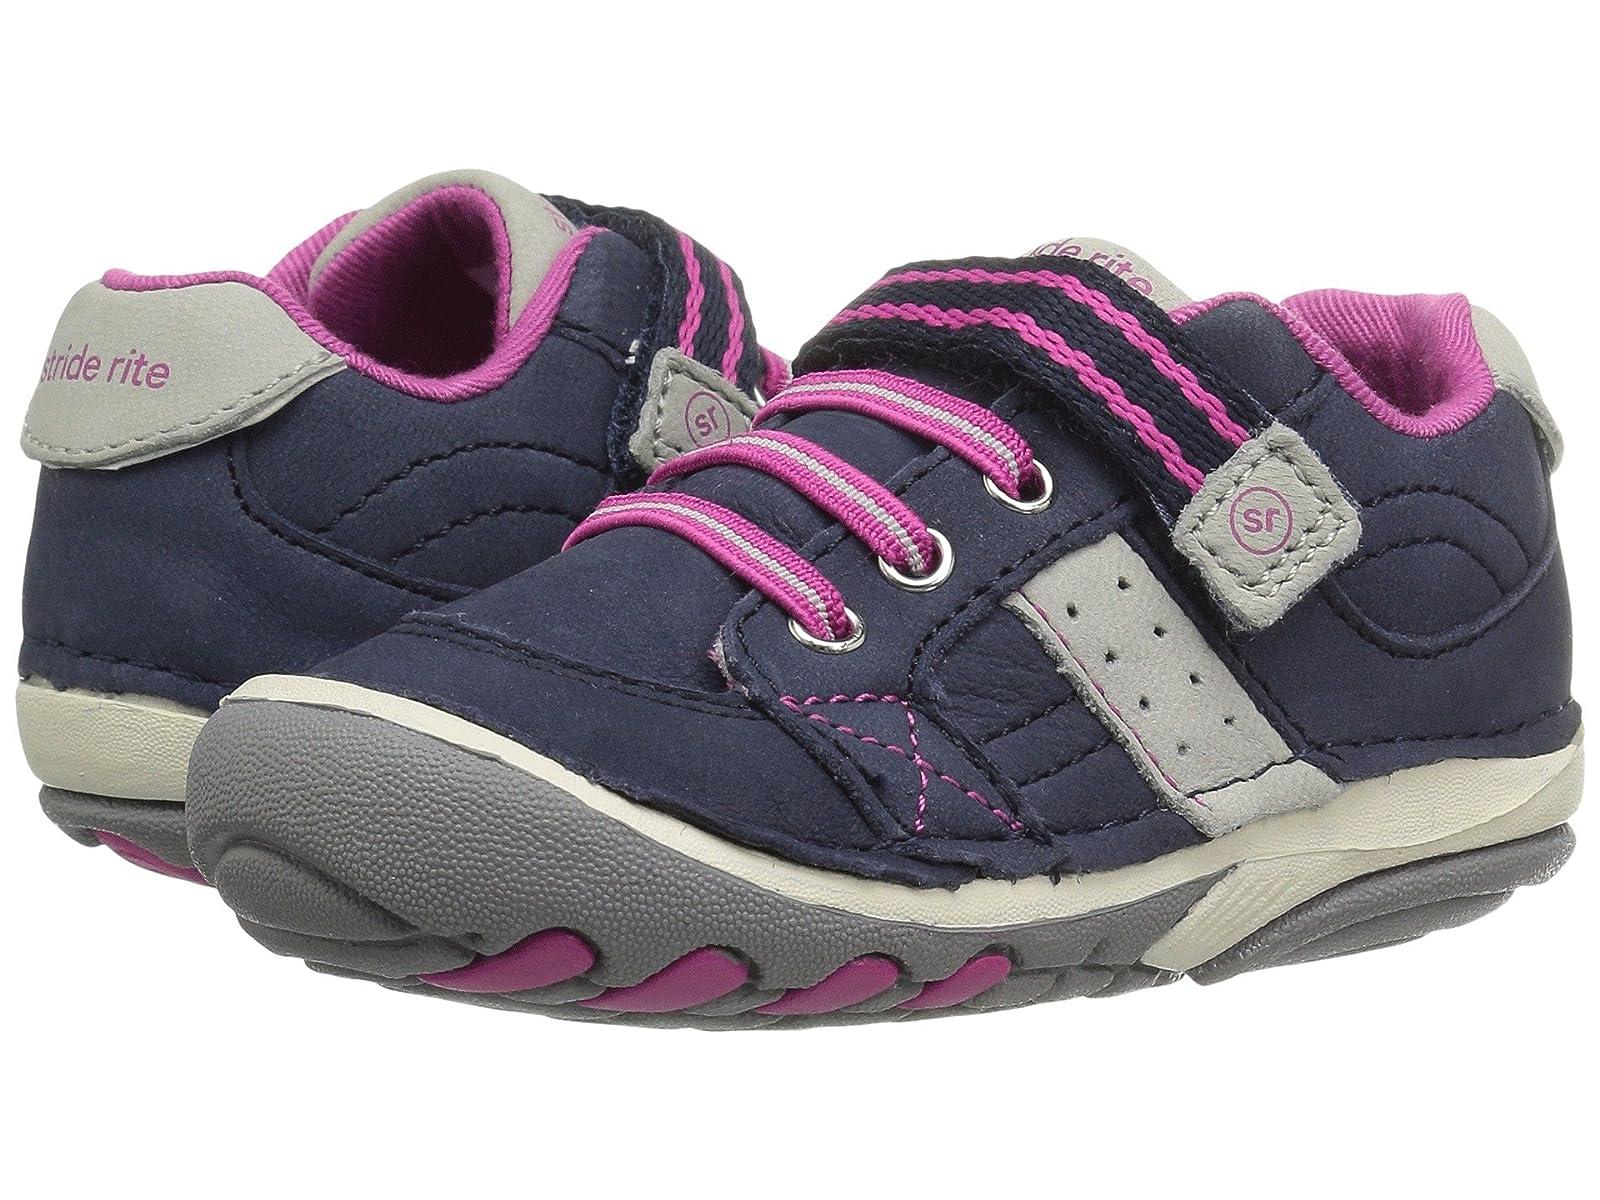 Stride Rite SRT Soft Motion Artie (Infant/Toddler)Atmospheric grades have affordable shoes